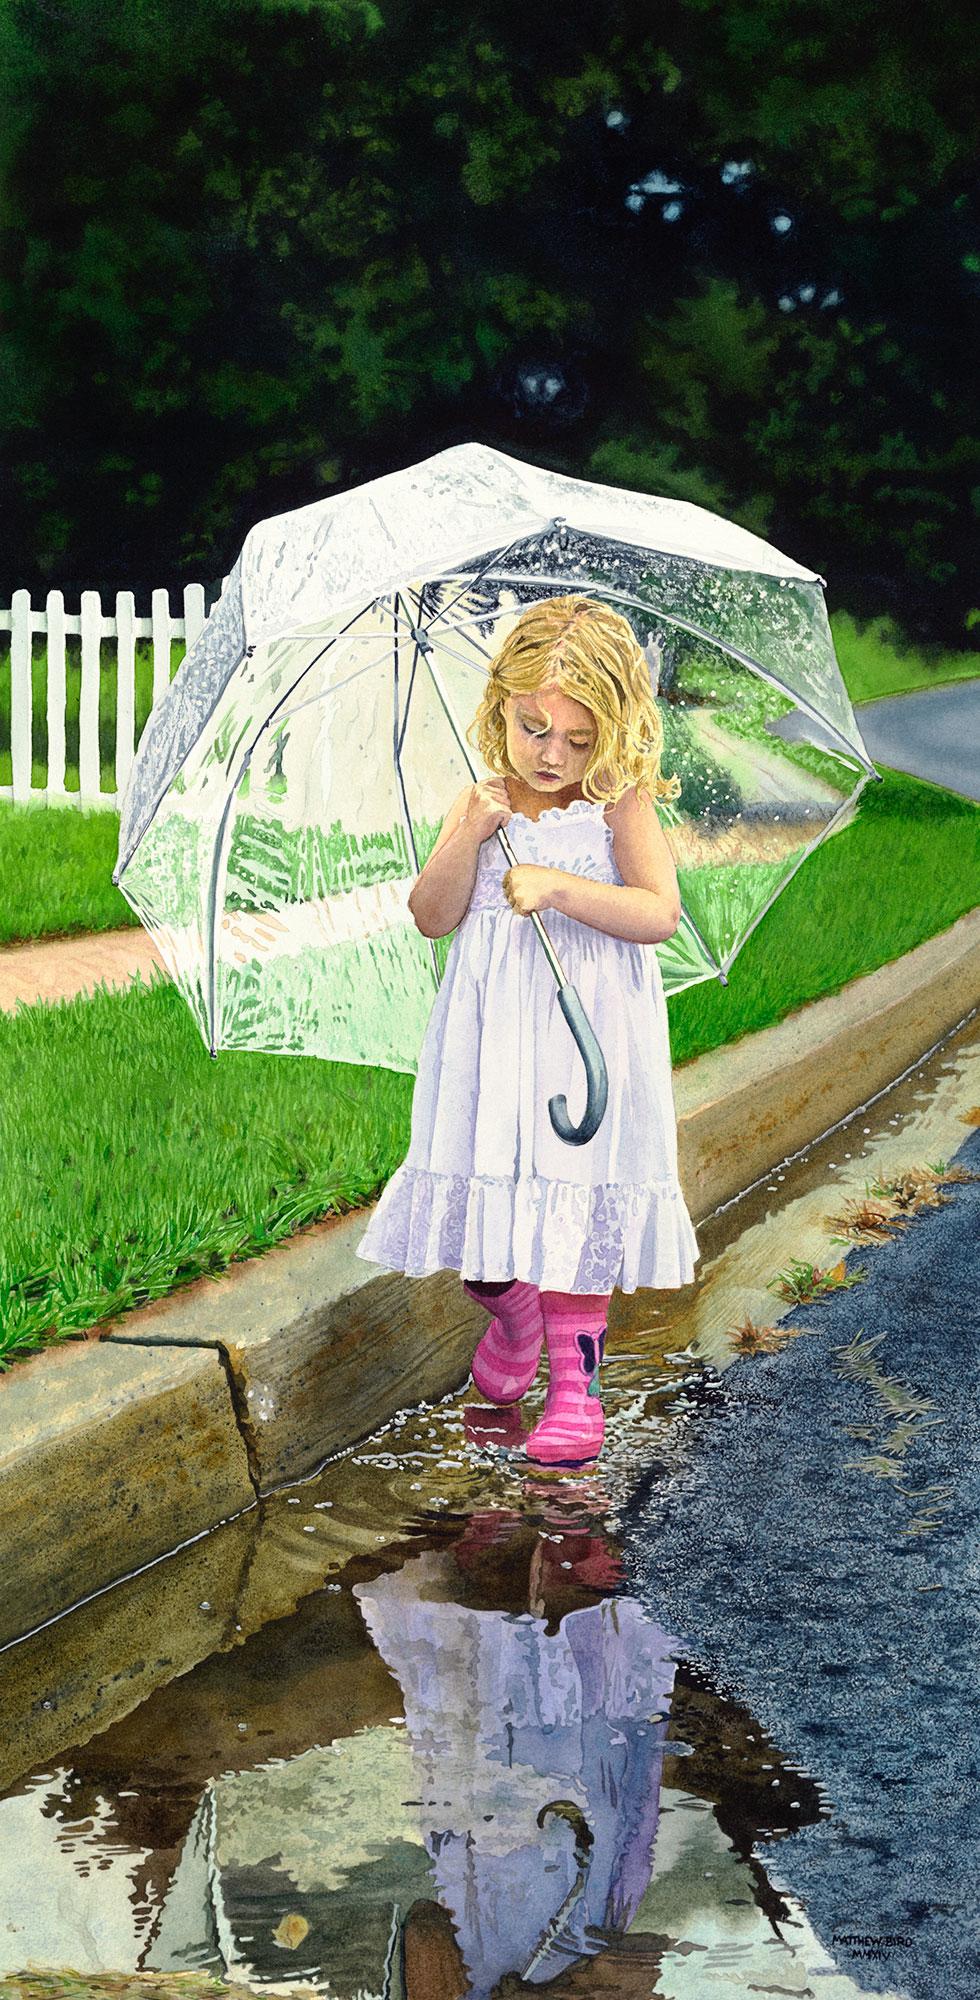 Matthew-Bird_After-The-Rain.jpg